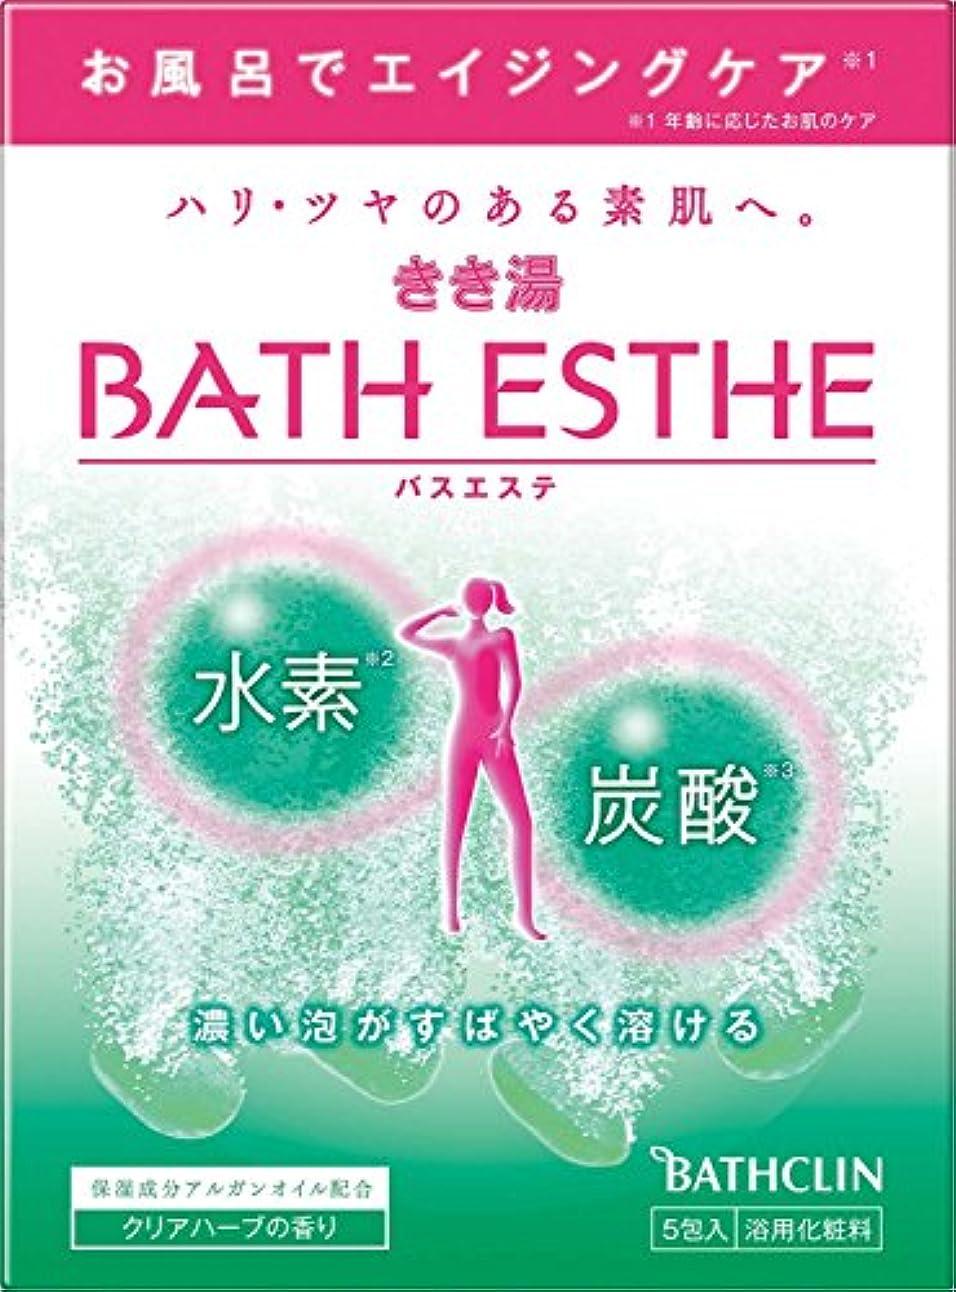 改修するベイビー終点きき湯バスエステ炭酸水素入浴剤 クリアハーブの香り50g×5包入り 入浴剤 発泡タイプ 個包装